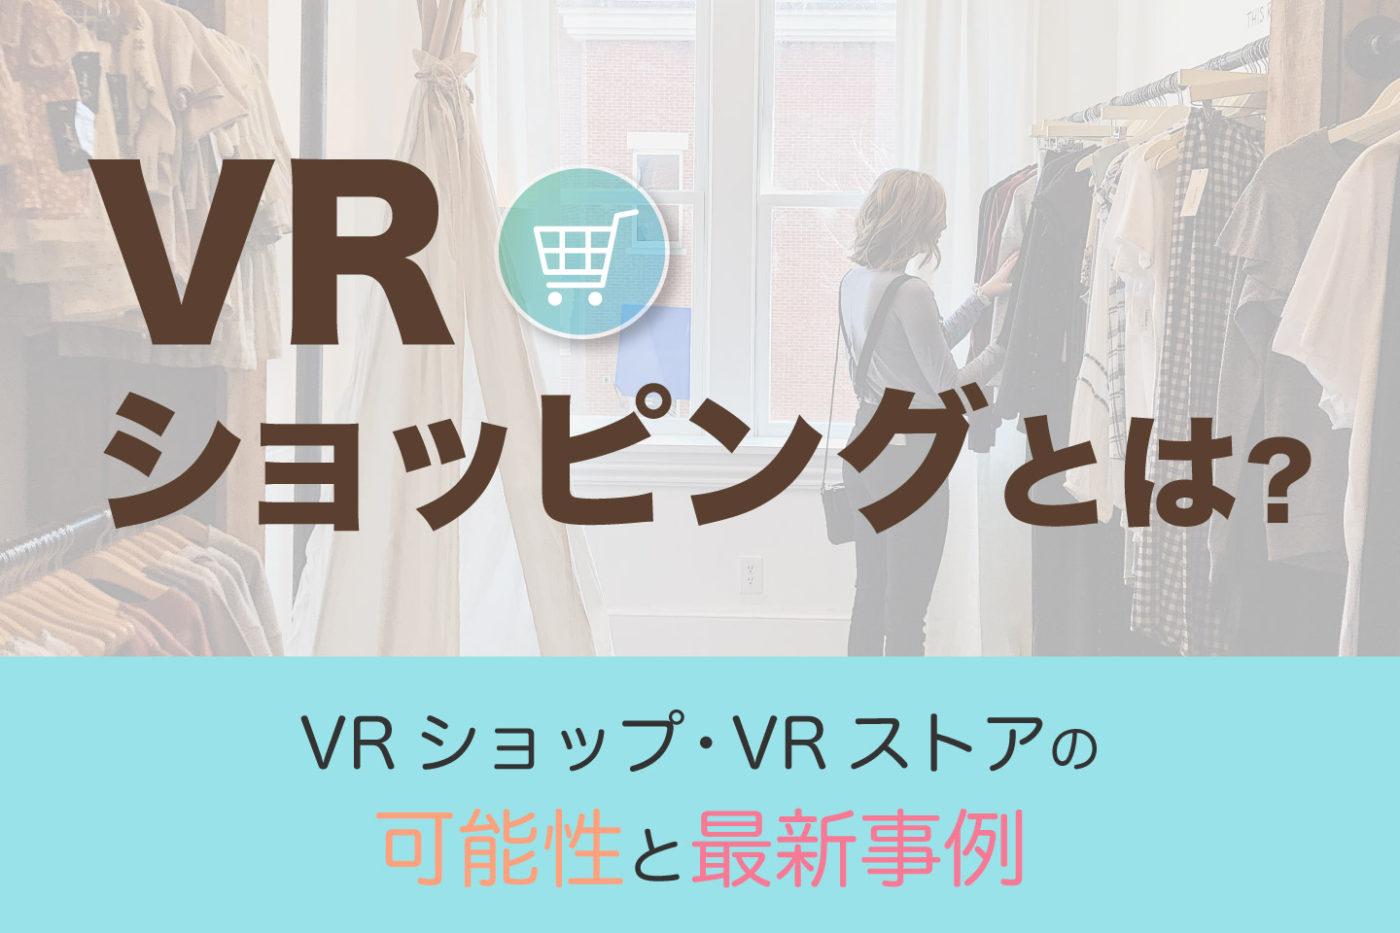 VRショッピングのメリット&最新事例【VRショップ・VRストアが秘める可能性】